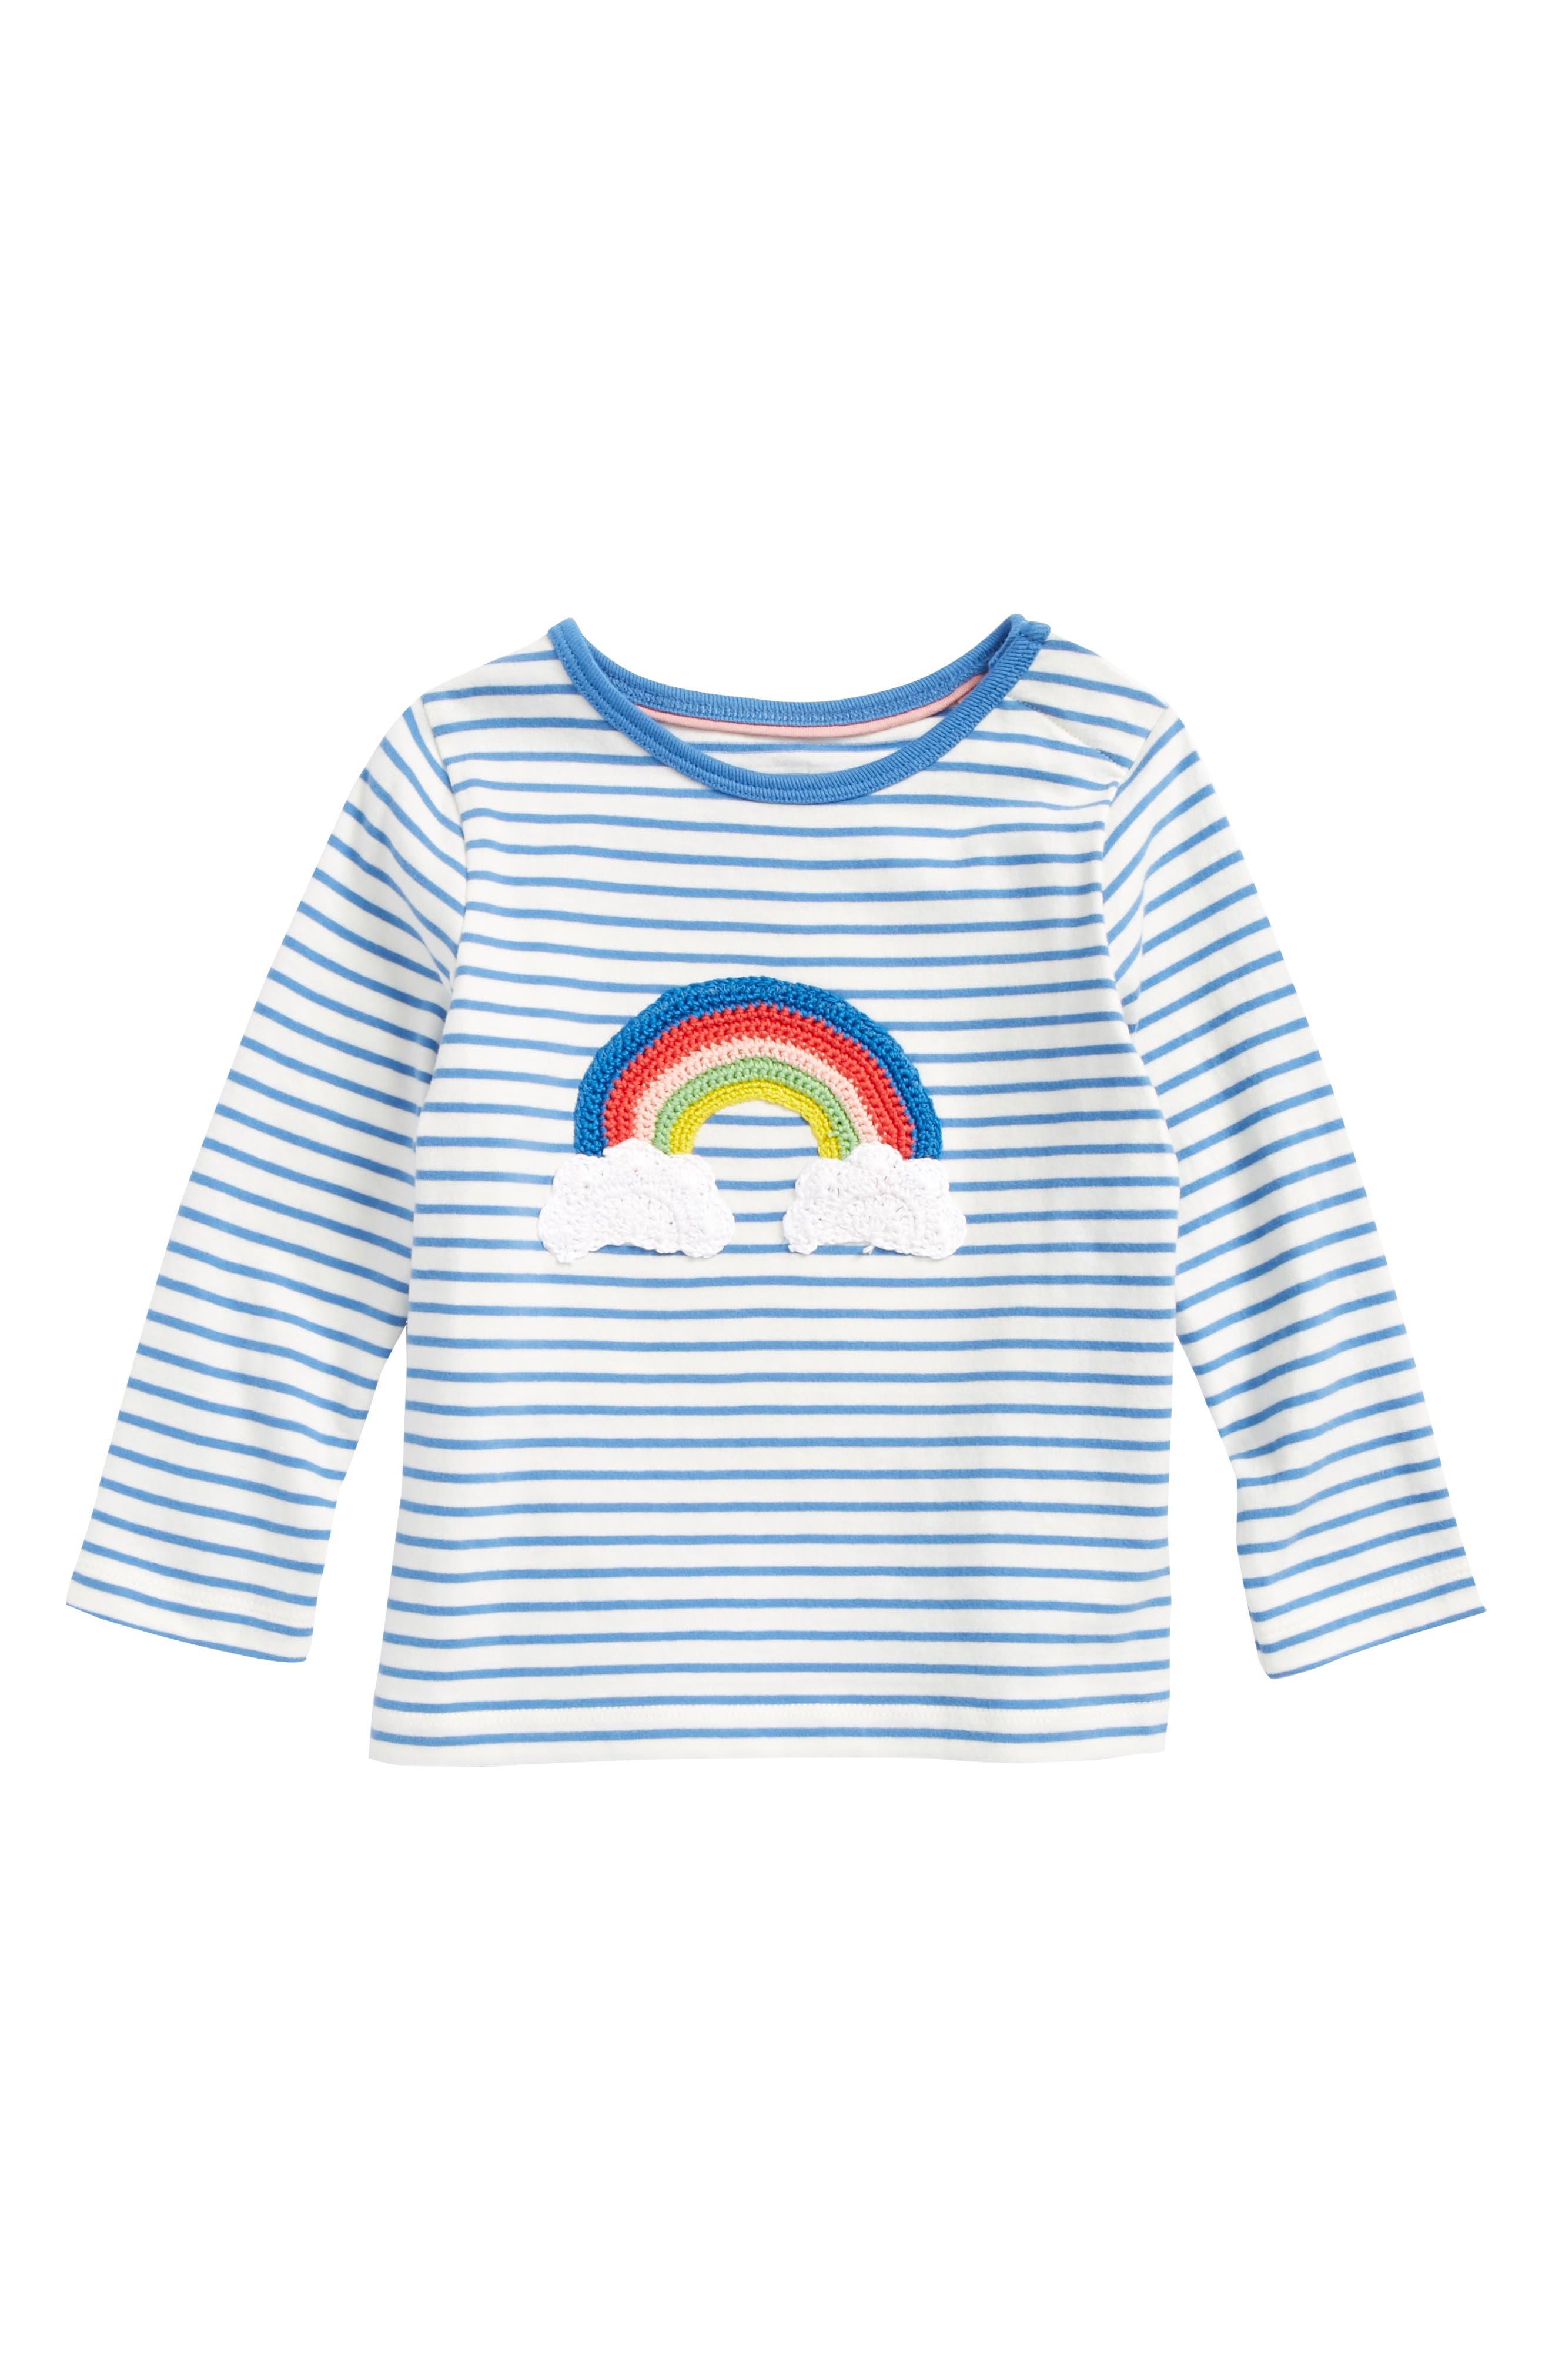 Mini Boden Stripy Crochet Tee (Baby Girls & Toddler Girls)